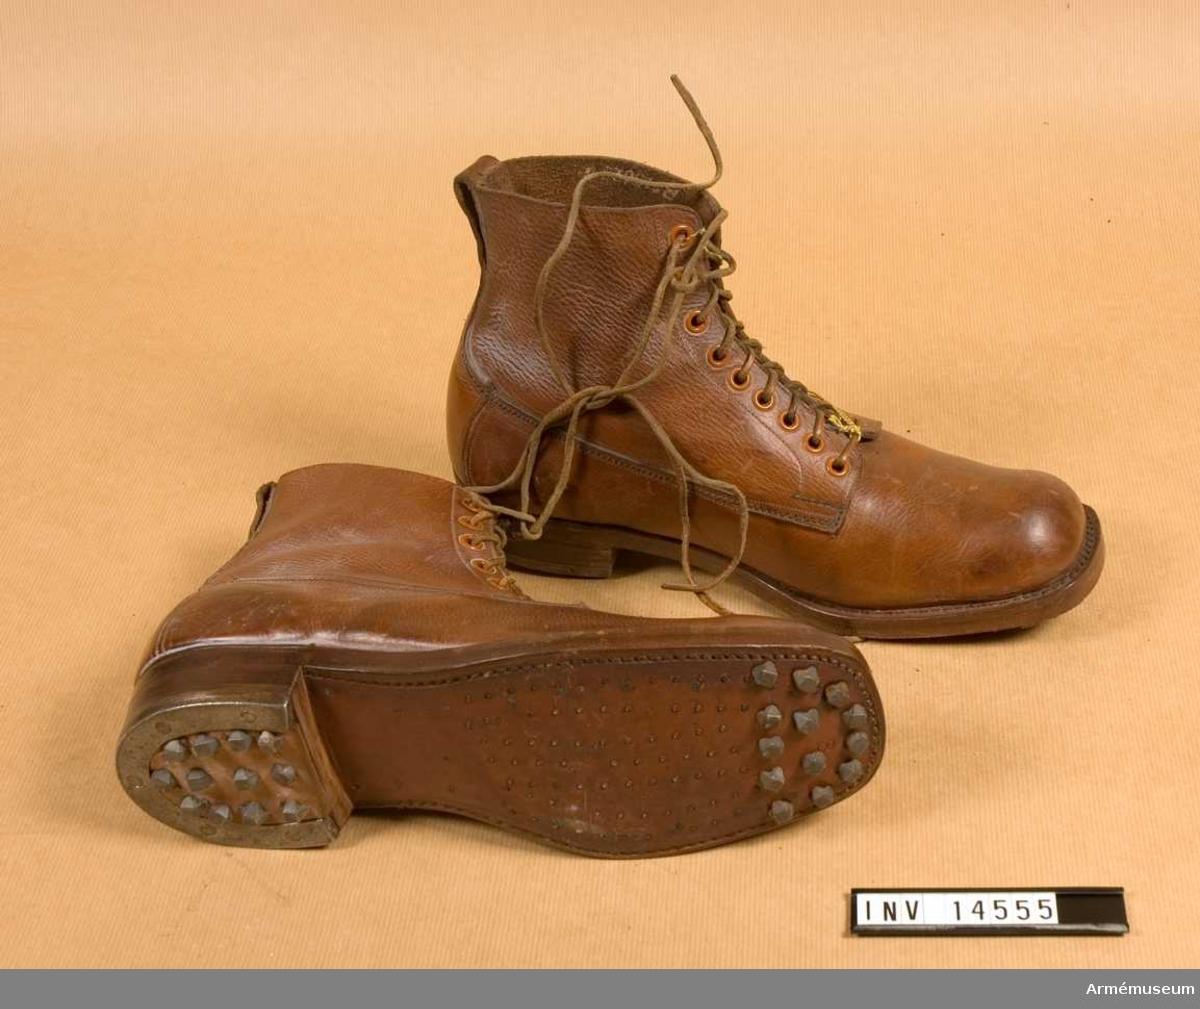 Grupp C I. Snörskor av grovt brunfärgat läder med inskärning på framsidan och försedda med 6 par järnringar för att snöra skorna med snören av läder.